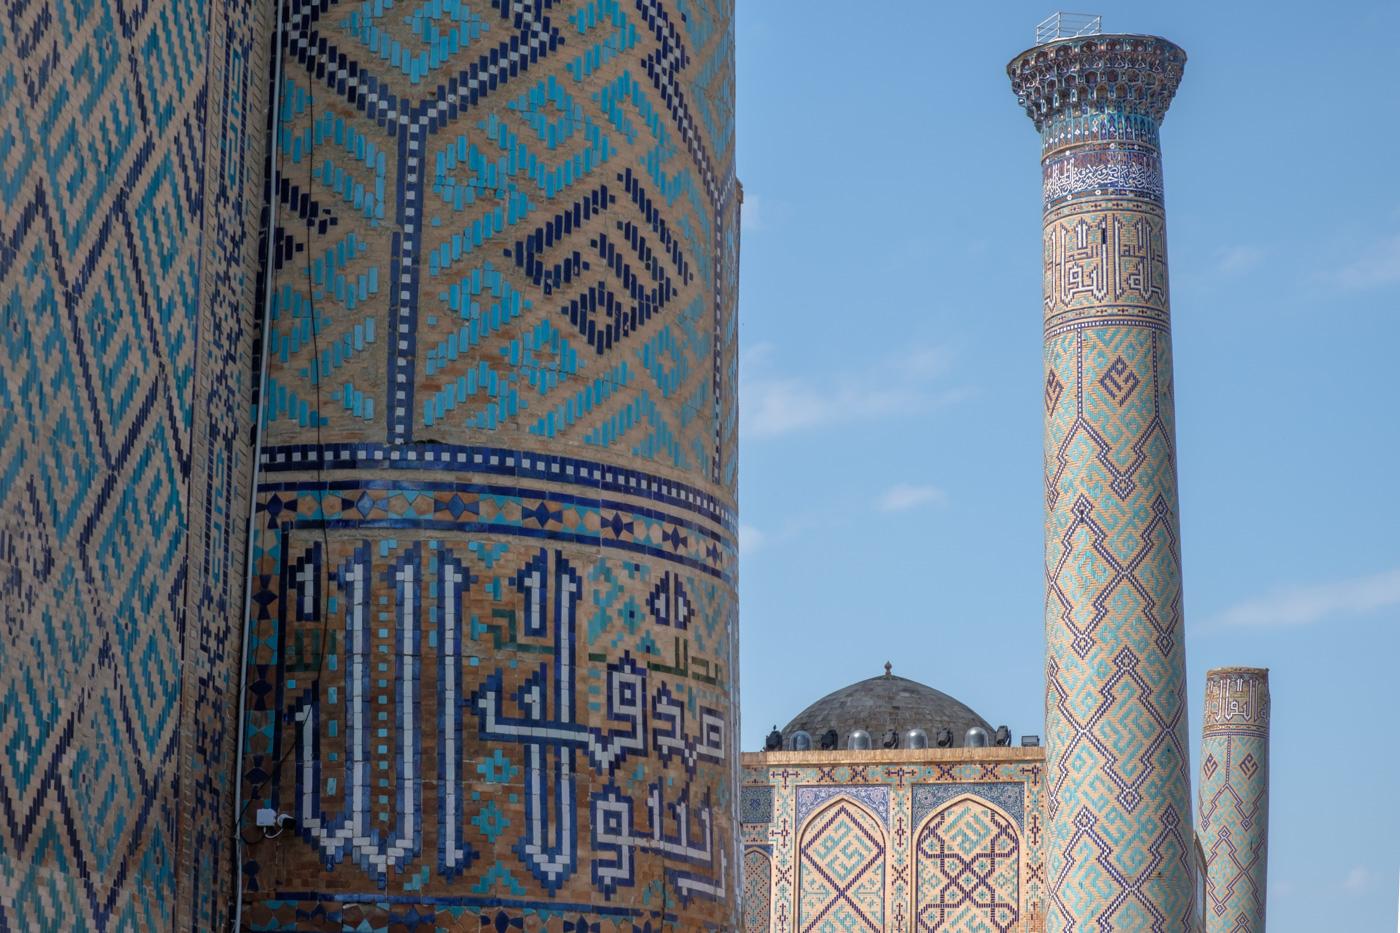 Usbekistan, Zentrum der Seidenstraße - Blau-türkise Fliesenmuster der Sher-Dor- (Vordergrund) und der Ulugh-Beg-Medresse (Hintergrund).